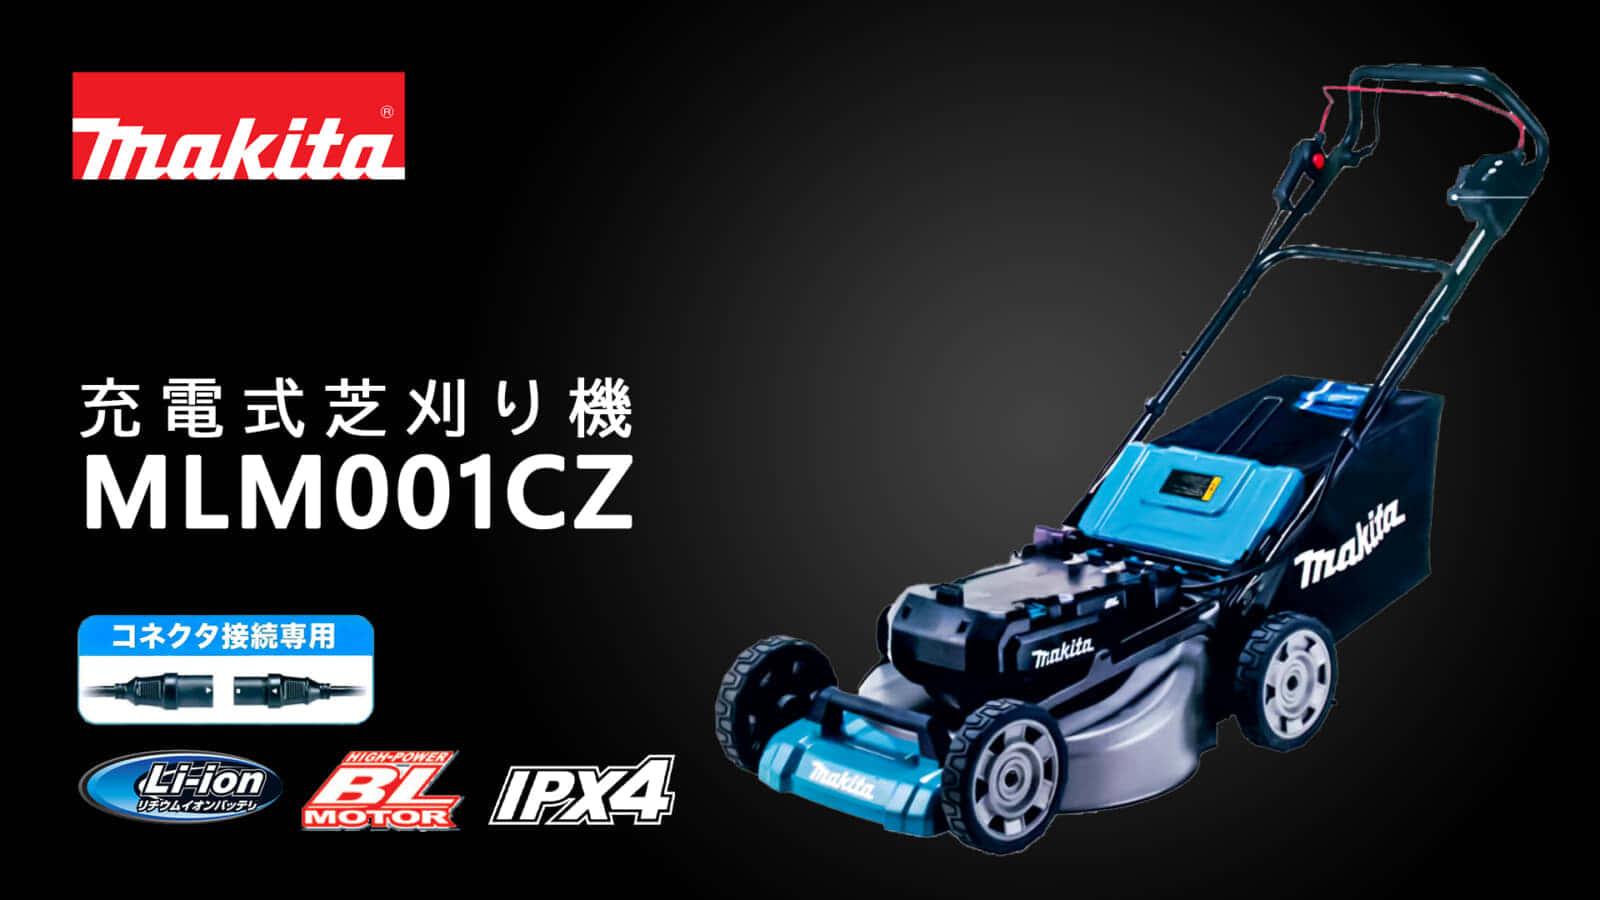 芝 刈り 機 マキタ マキタ電動草刈り機のおすすめ機種と選び方のポイント【2020年版】